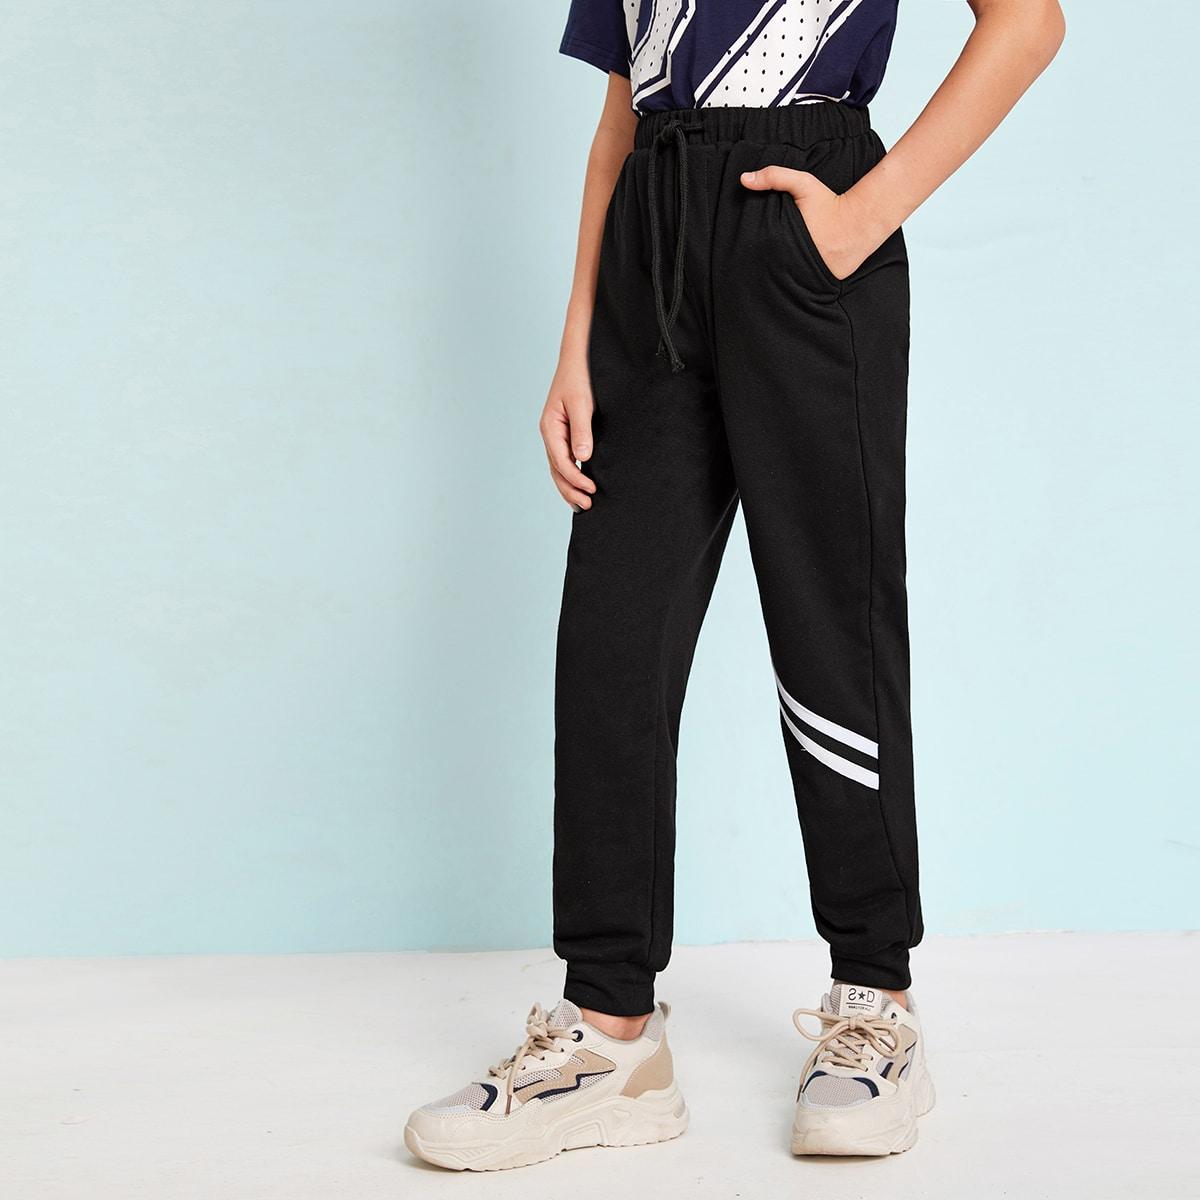 Спортивные брюки на кулиске с полосками для мальчиков от SHEIN